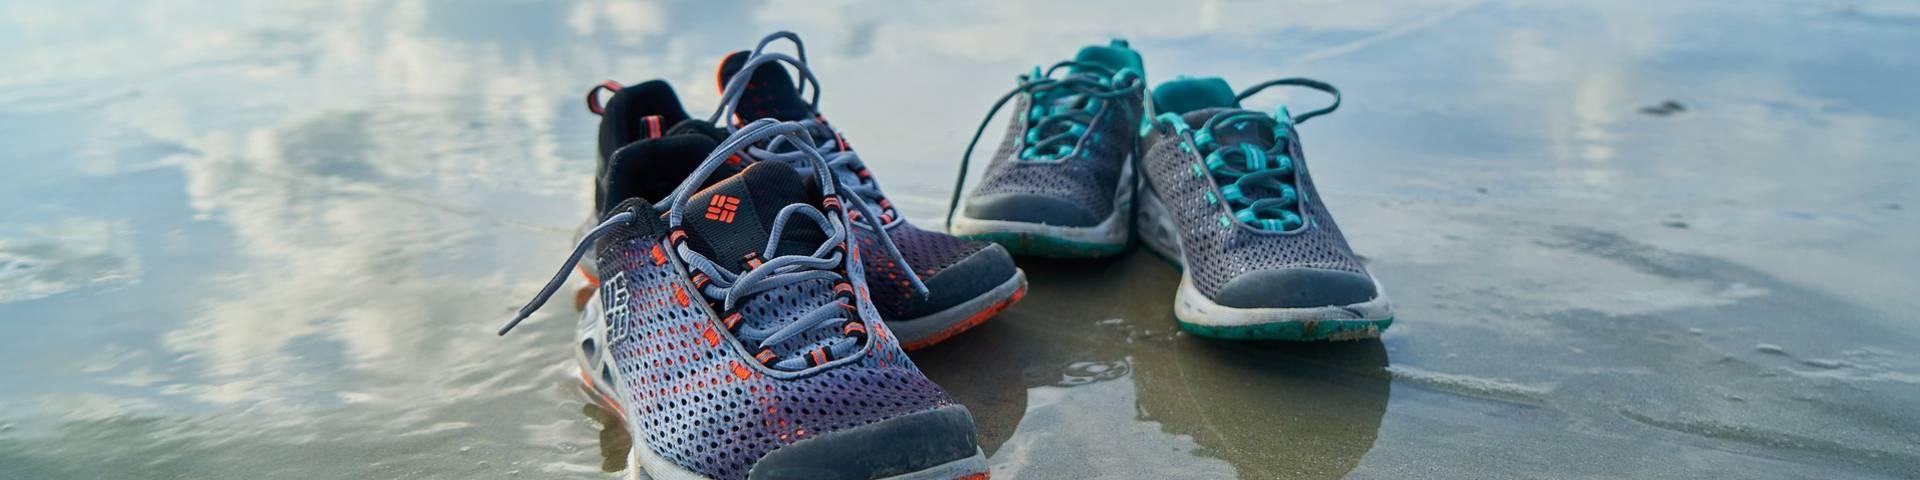 3 parcours pour votre footing sur l'Ile de Ré (c)pixbay